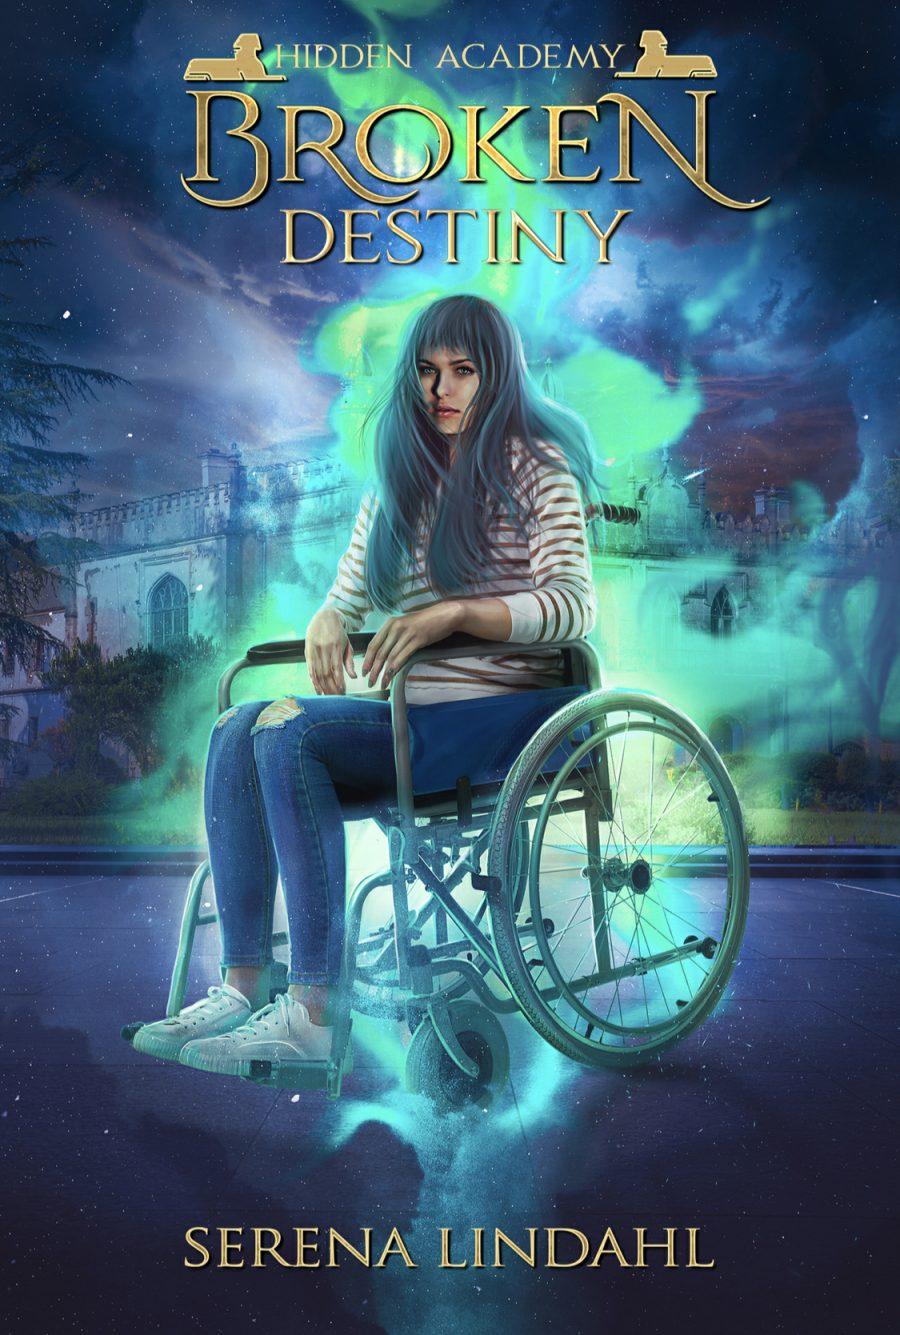 Broken Destiny (Hidden Academy - Book 1) by Serena Lindahl - A Book Review #BookReview #SlowBurn #RH #Academy #ReverseHarem #5Stars #KindleUnlimited #KU